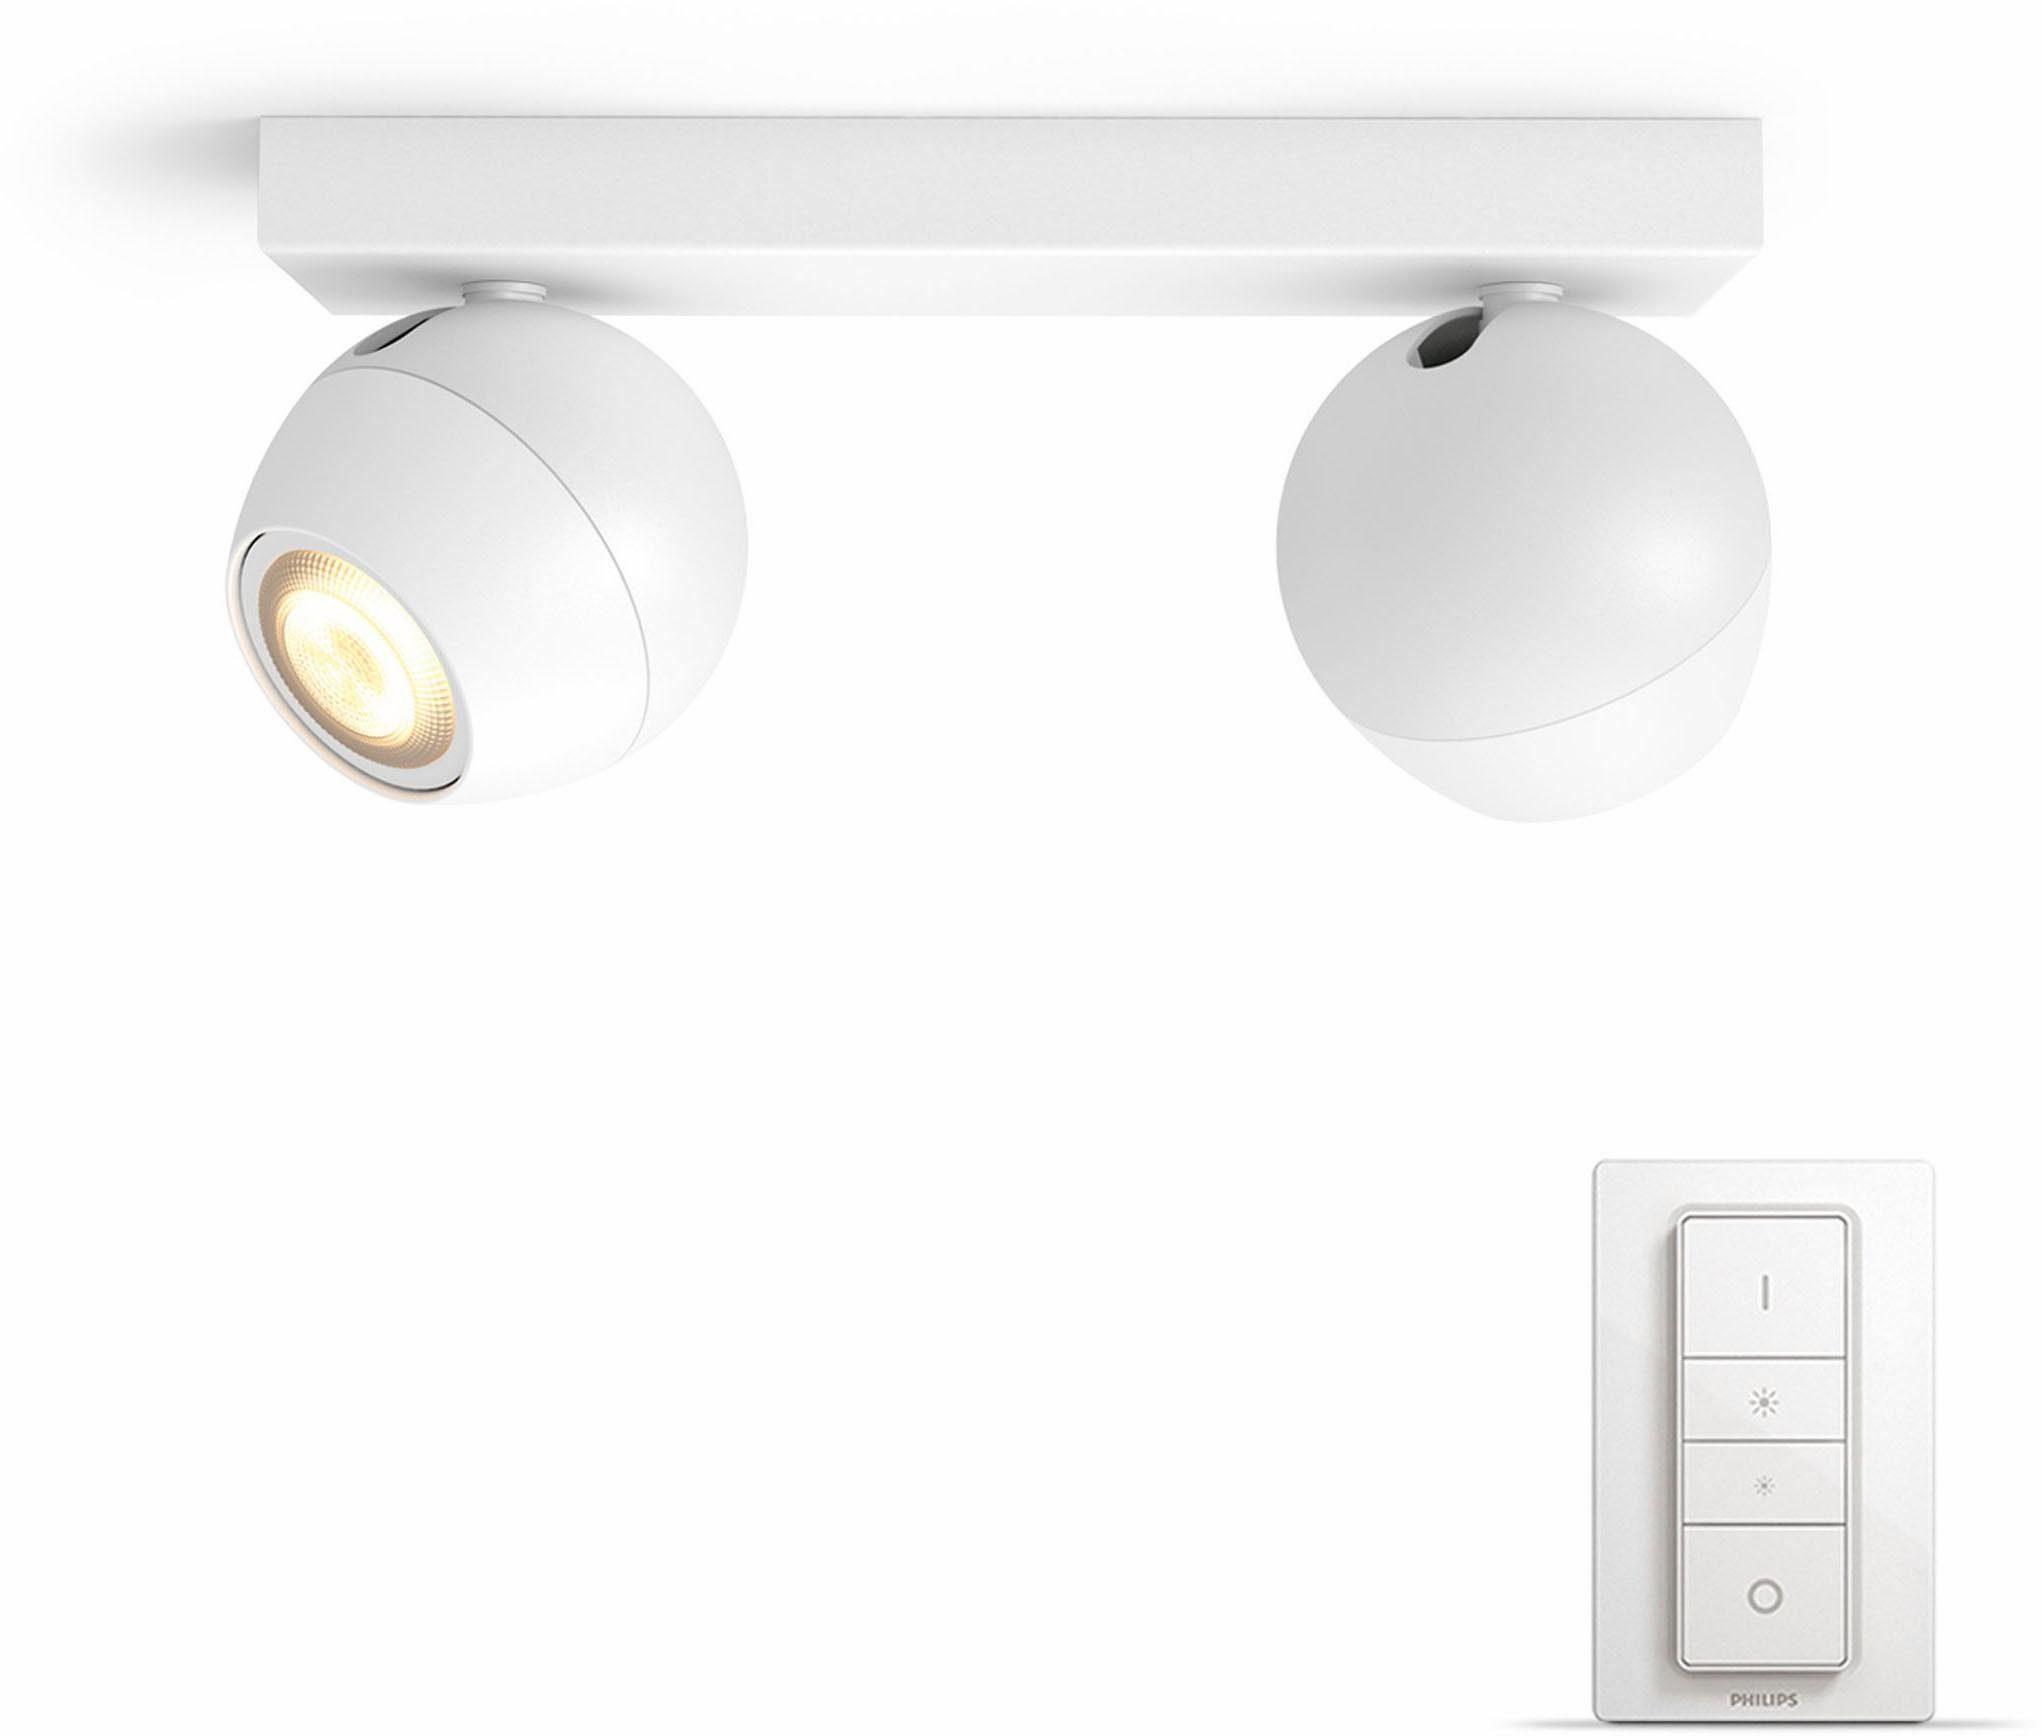 Philips Hue LED Spot Buckram weiß 2flg. inkl. Dimmschalter – der einf. Einstieg in Ihr Smart Home